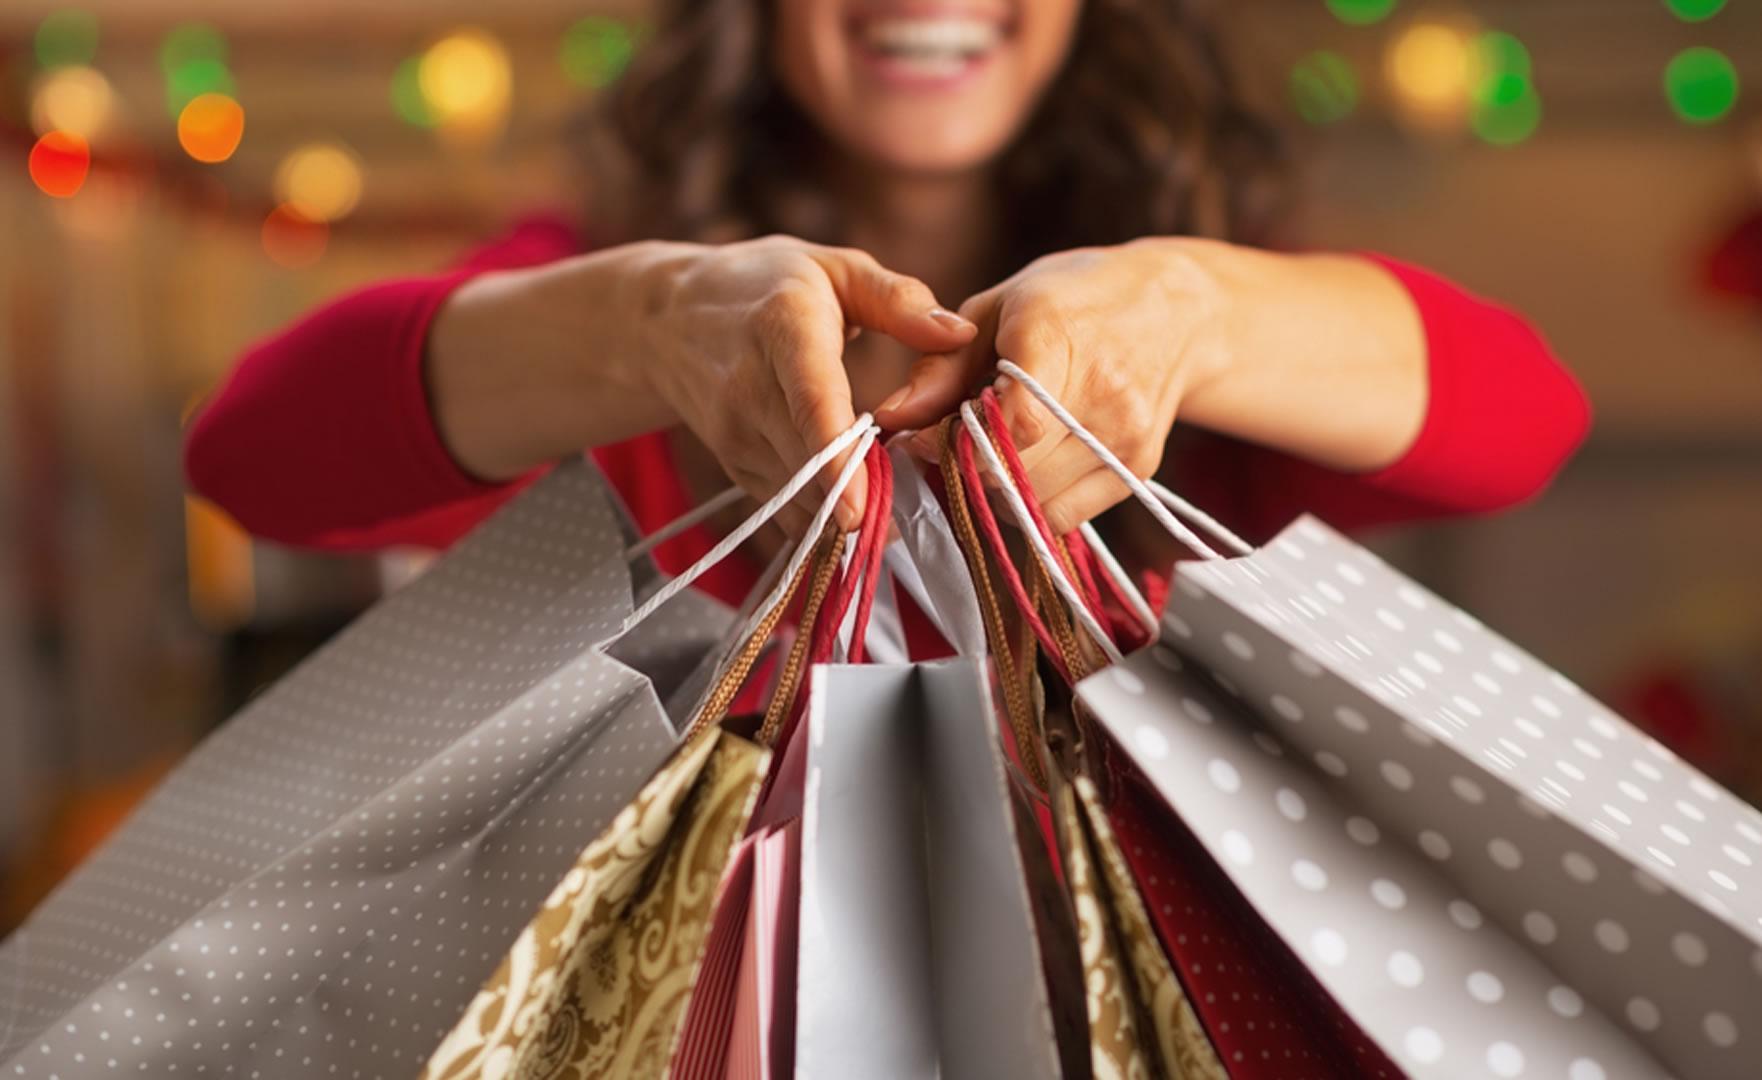 Resultado de imagem para sacolas de compras shopping